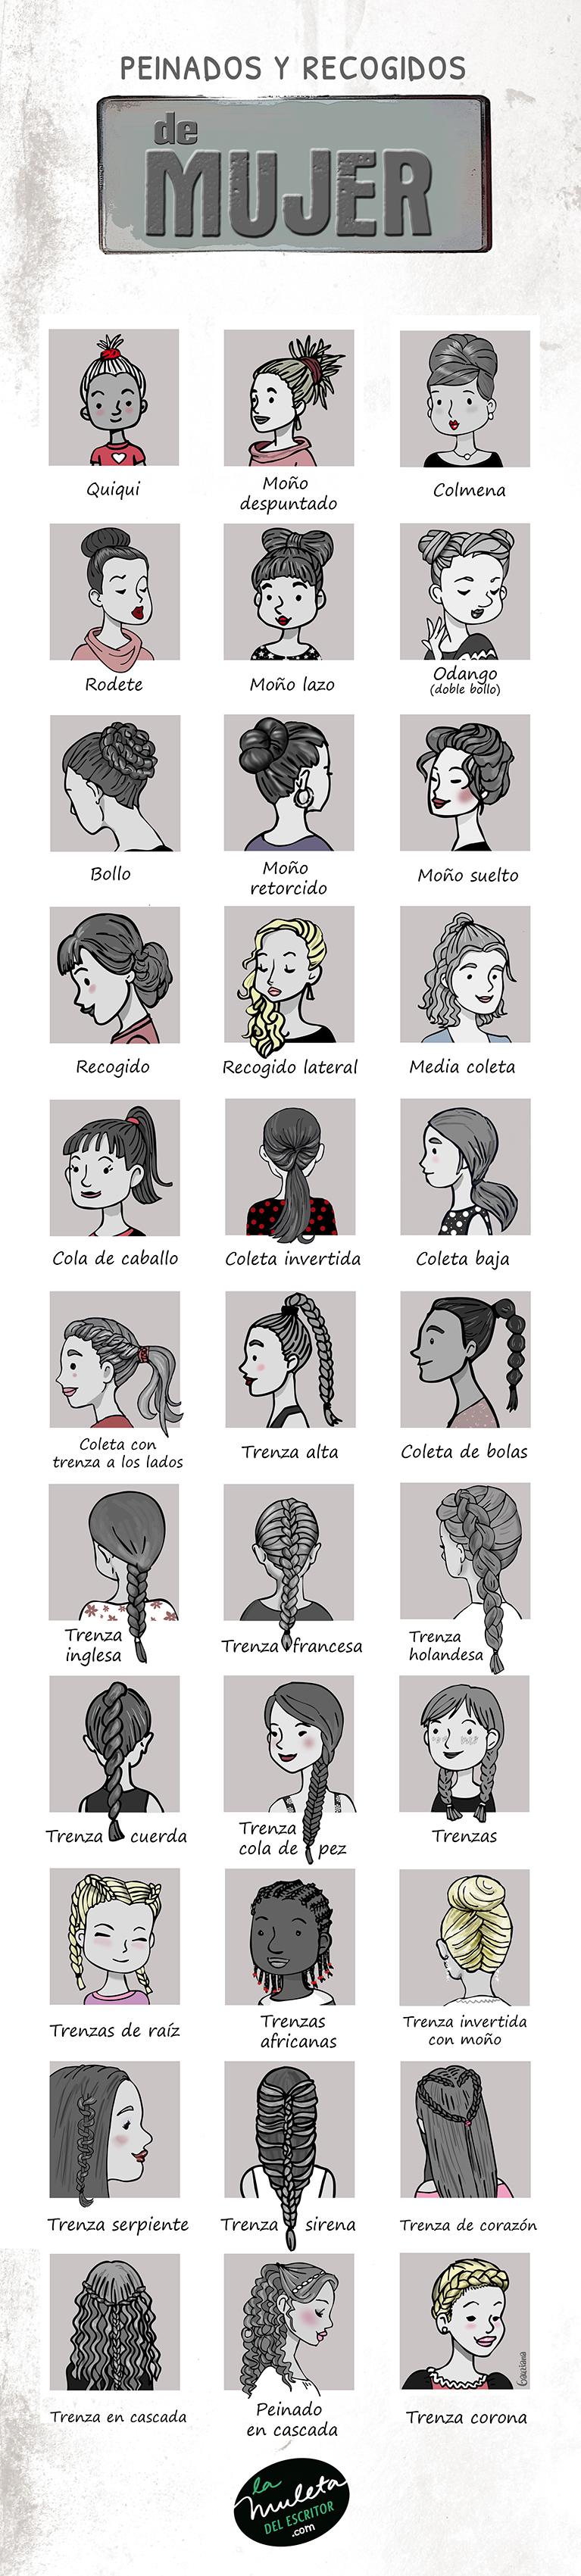 peinados y recogidos de mujer